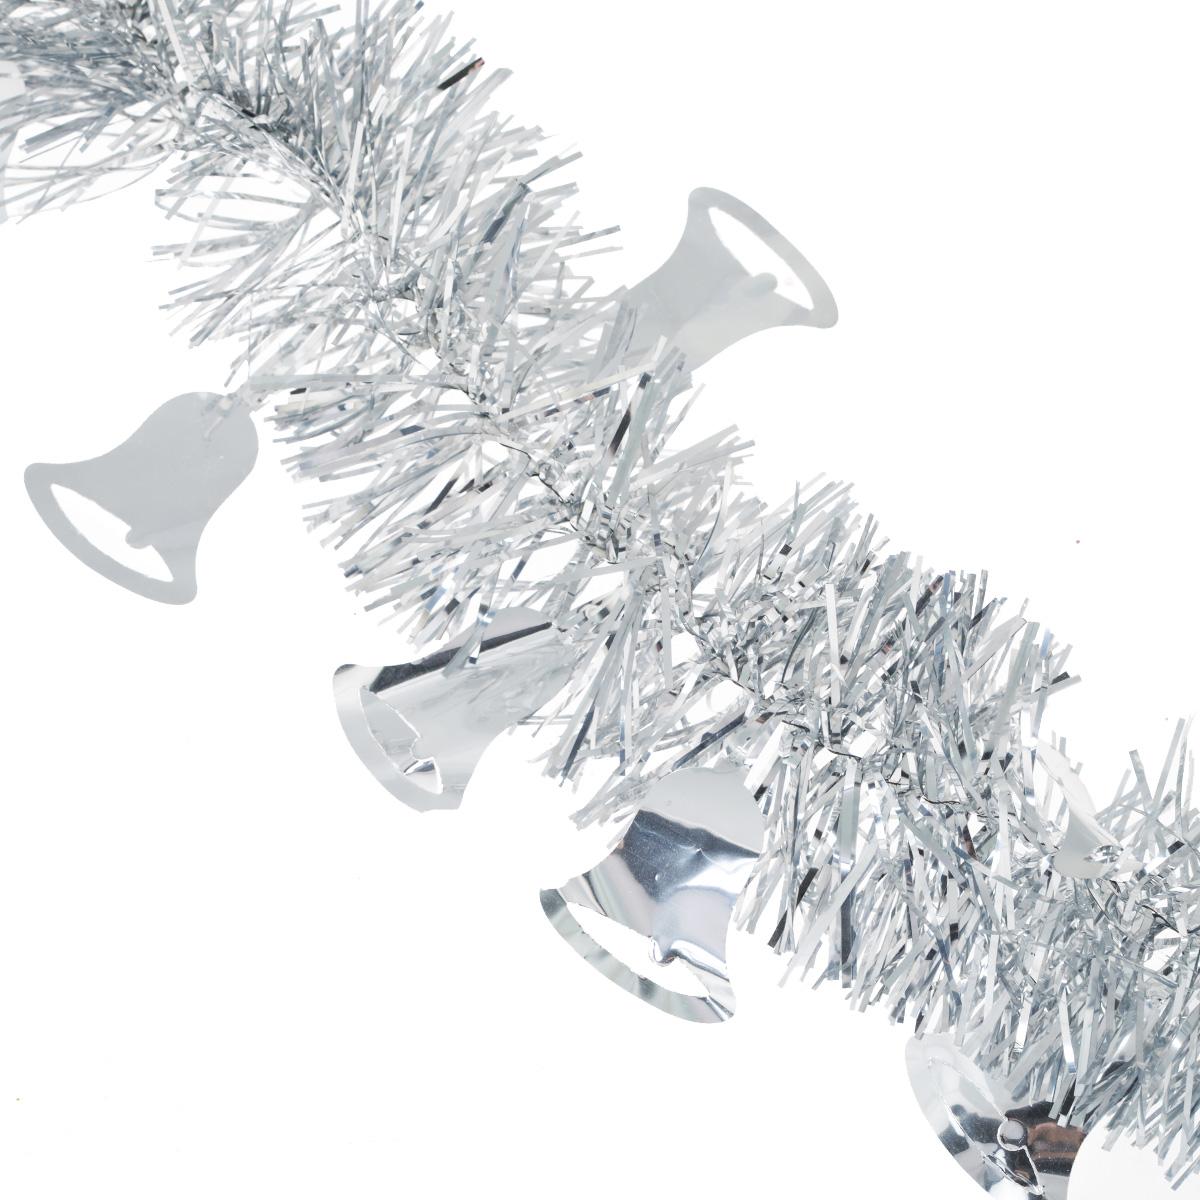 Мишура новогодняя Sima-land, цвет: серебристый, диаметр 8 см, длина 2 м. 702594702594Новогодняя мишура Sima-land, выполненная из фольги с дизайном в виде колокольчиков, поможет вам украсить свой дом к предстоящим праздникам. А новогодняя елка с таким украшением станет еще наряднее. Мишура армирована, то есть имеет проволоку внутри и способна сохранять приданную ей форму. Новогодней мишурой можно украсить все, что угодно - елку, квартиру, дачу, офис - как внутри, так и снаружи. Можно сложить новогодние поздравления, буквы и цифры, мишурой можно украсить и дополнить гирлянды, можно выделить дверные колонны, оплести дверные проемы. Коллекция декоративных украшений из серии Зимнее волшебство принесет в ваш дом ни с чем несравнимое ощущение праздника! Создайте в своем доме атмосферу тепла, веселья и радости, украшая его всей семьей.